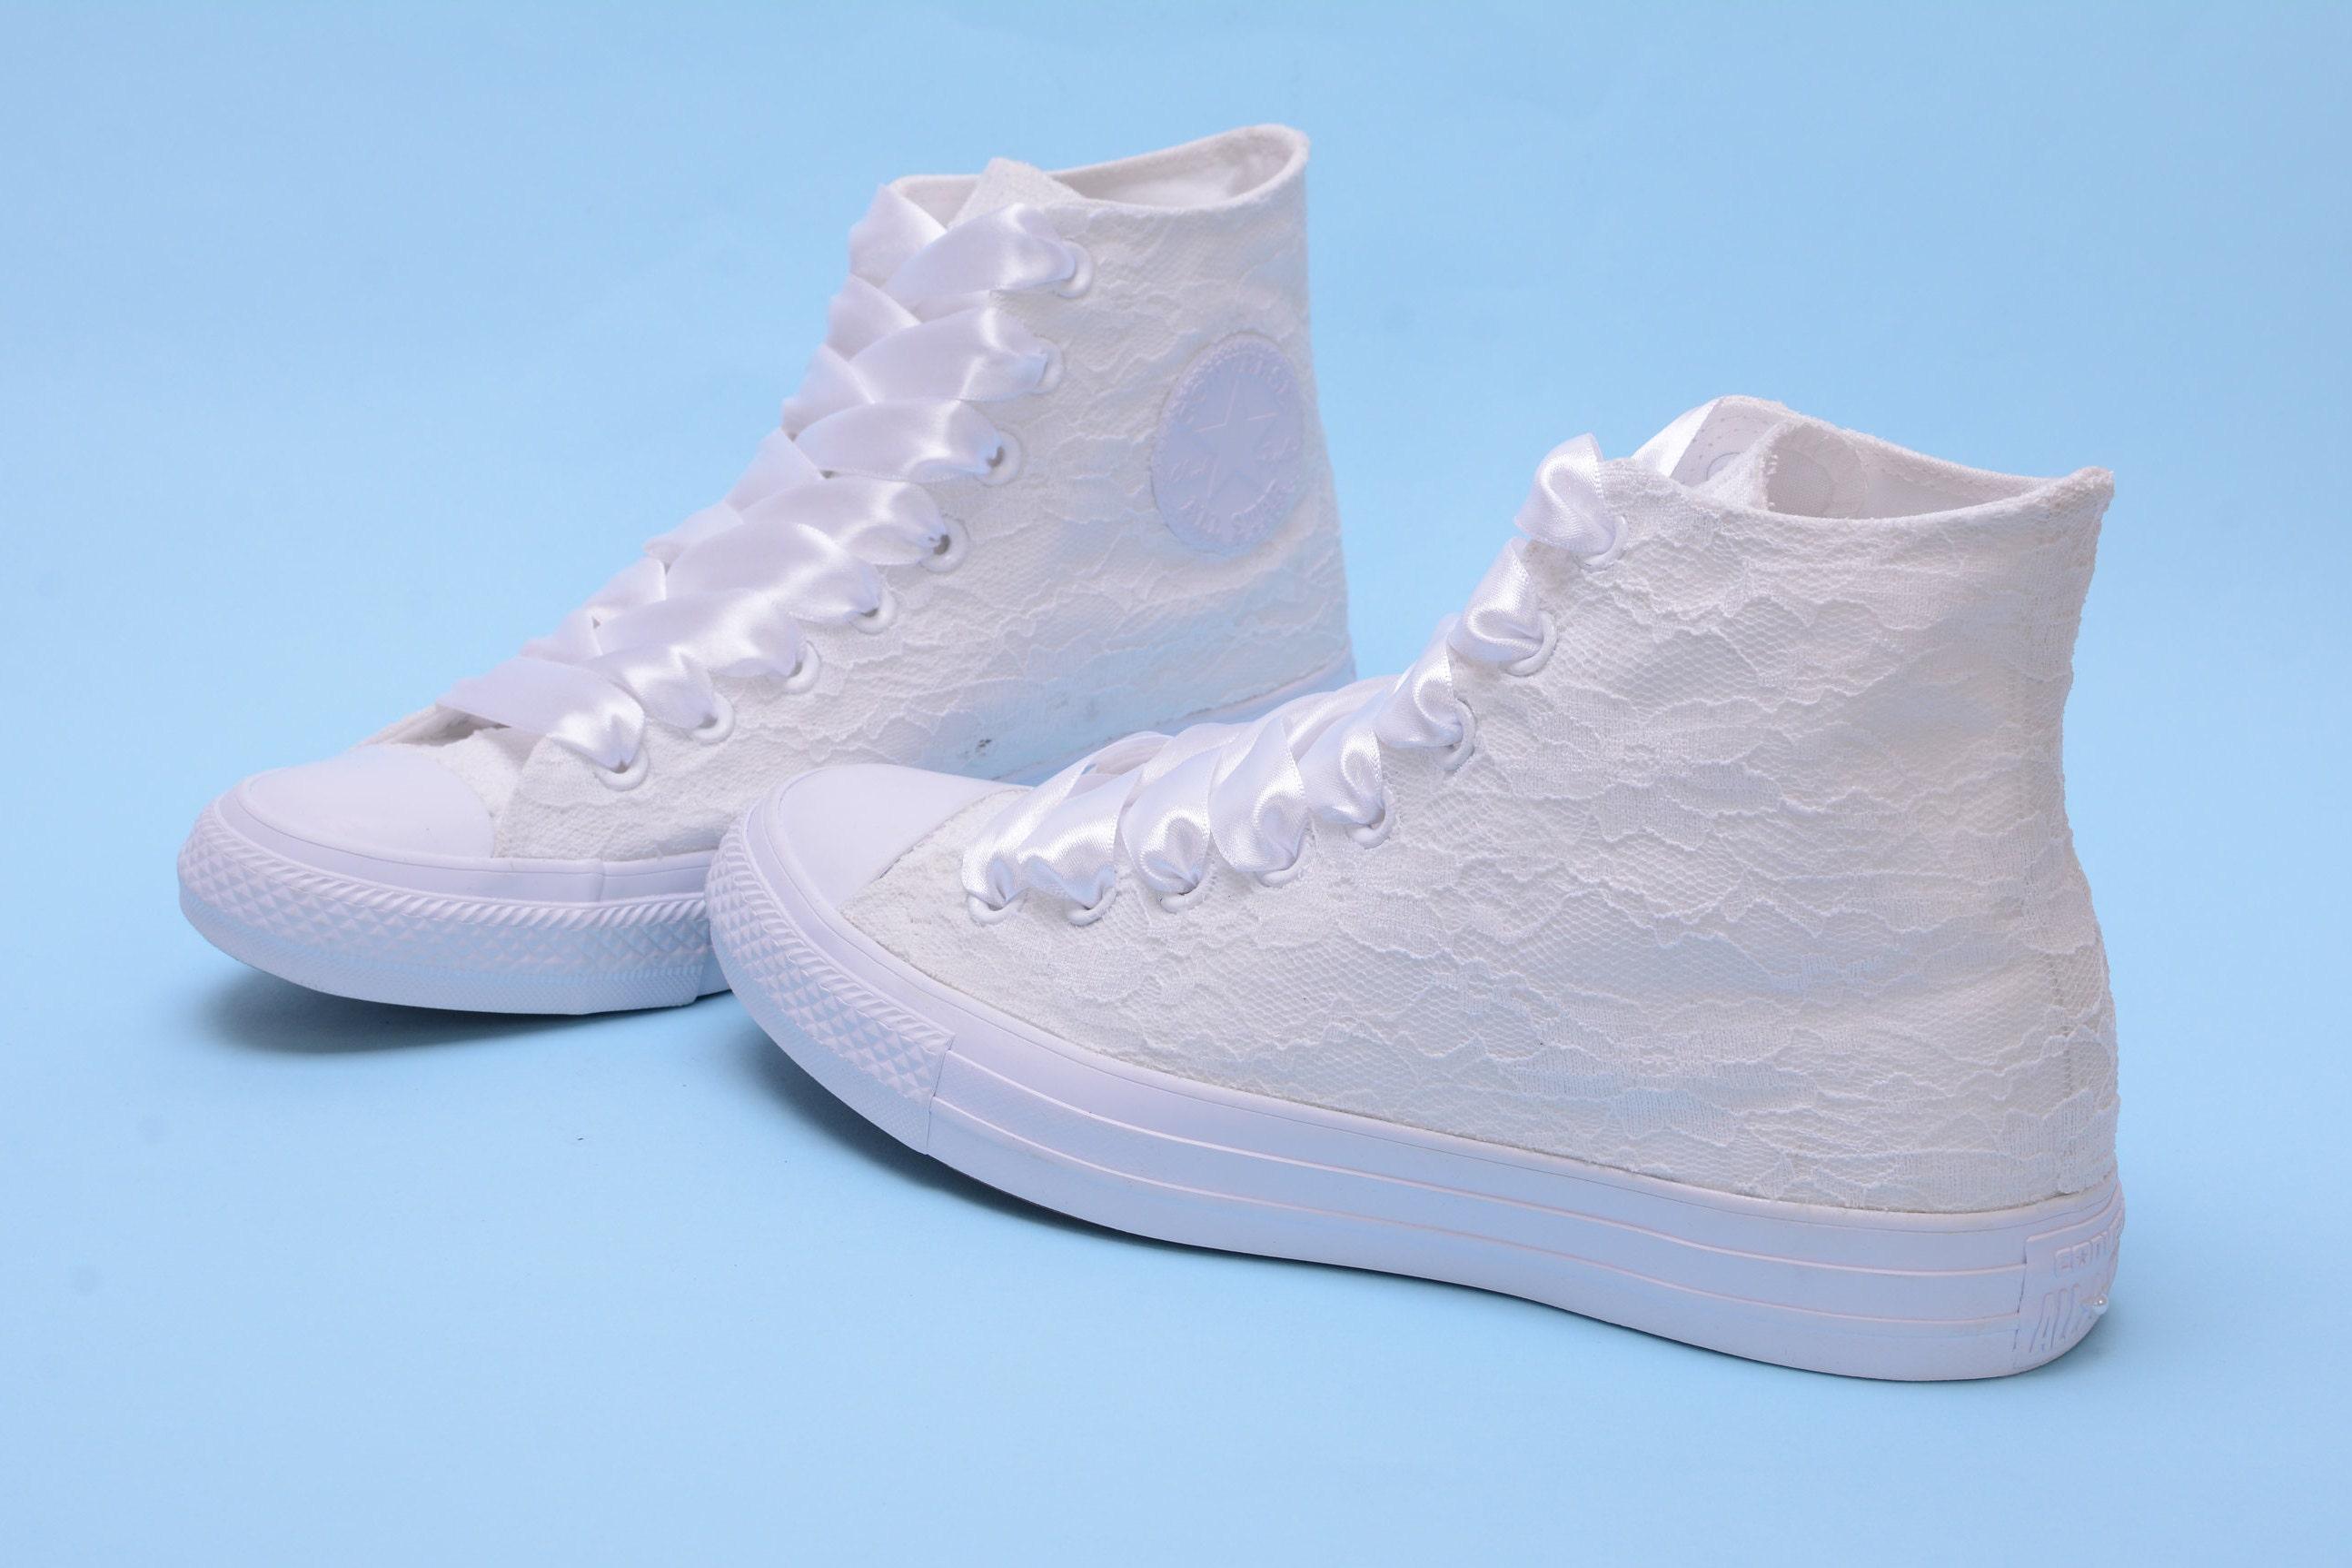 924848009a5268 High Top Wedding Converse for bride